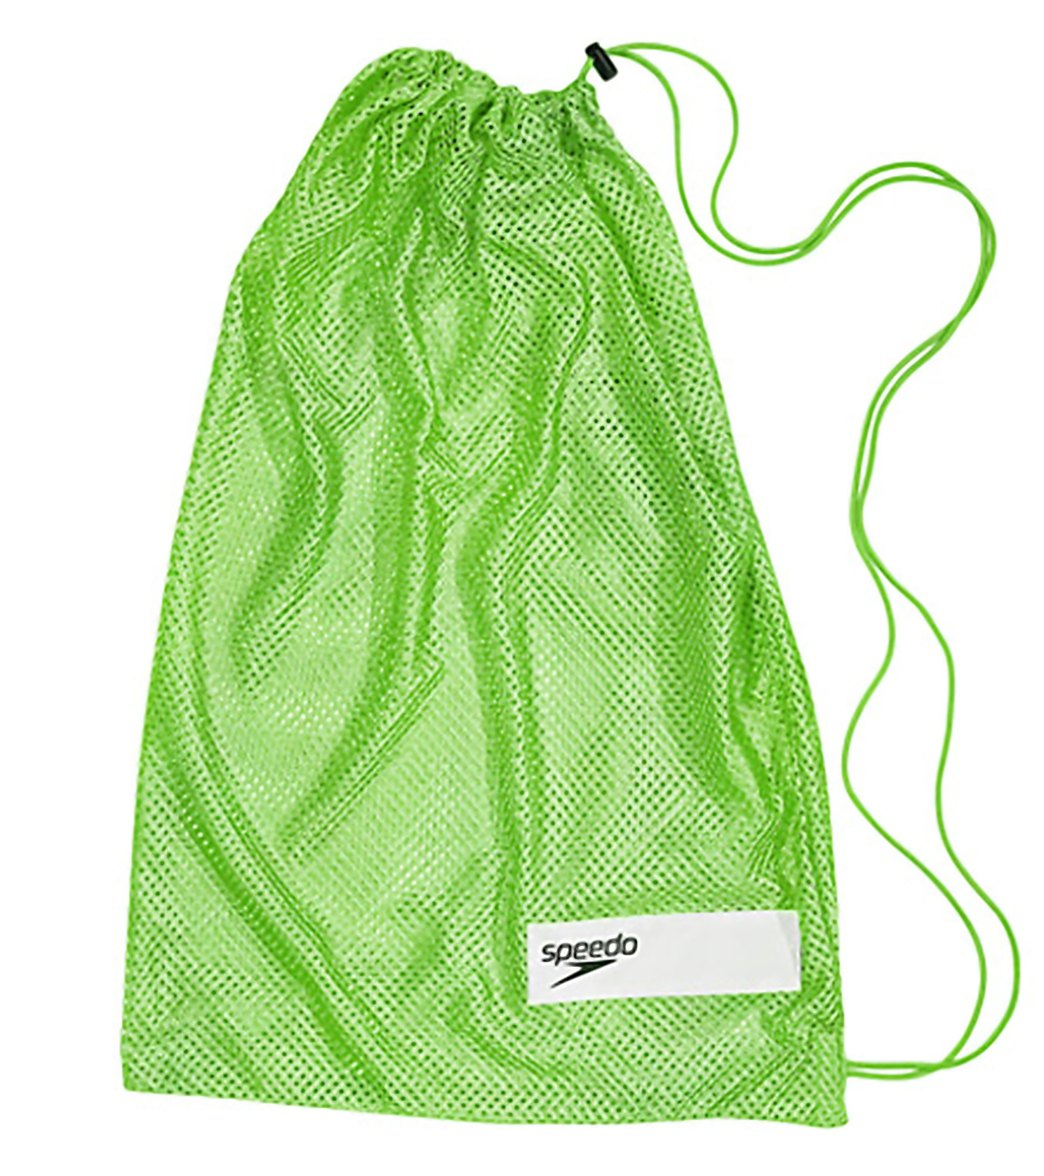 8c3e7a7d41 Speedo Mesh Equipment Bag at SwimOutlet.com